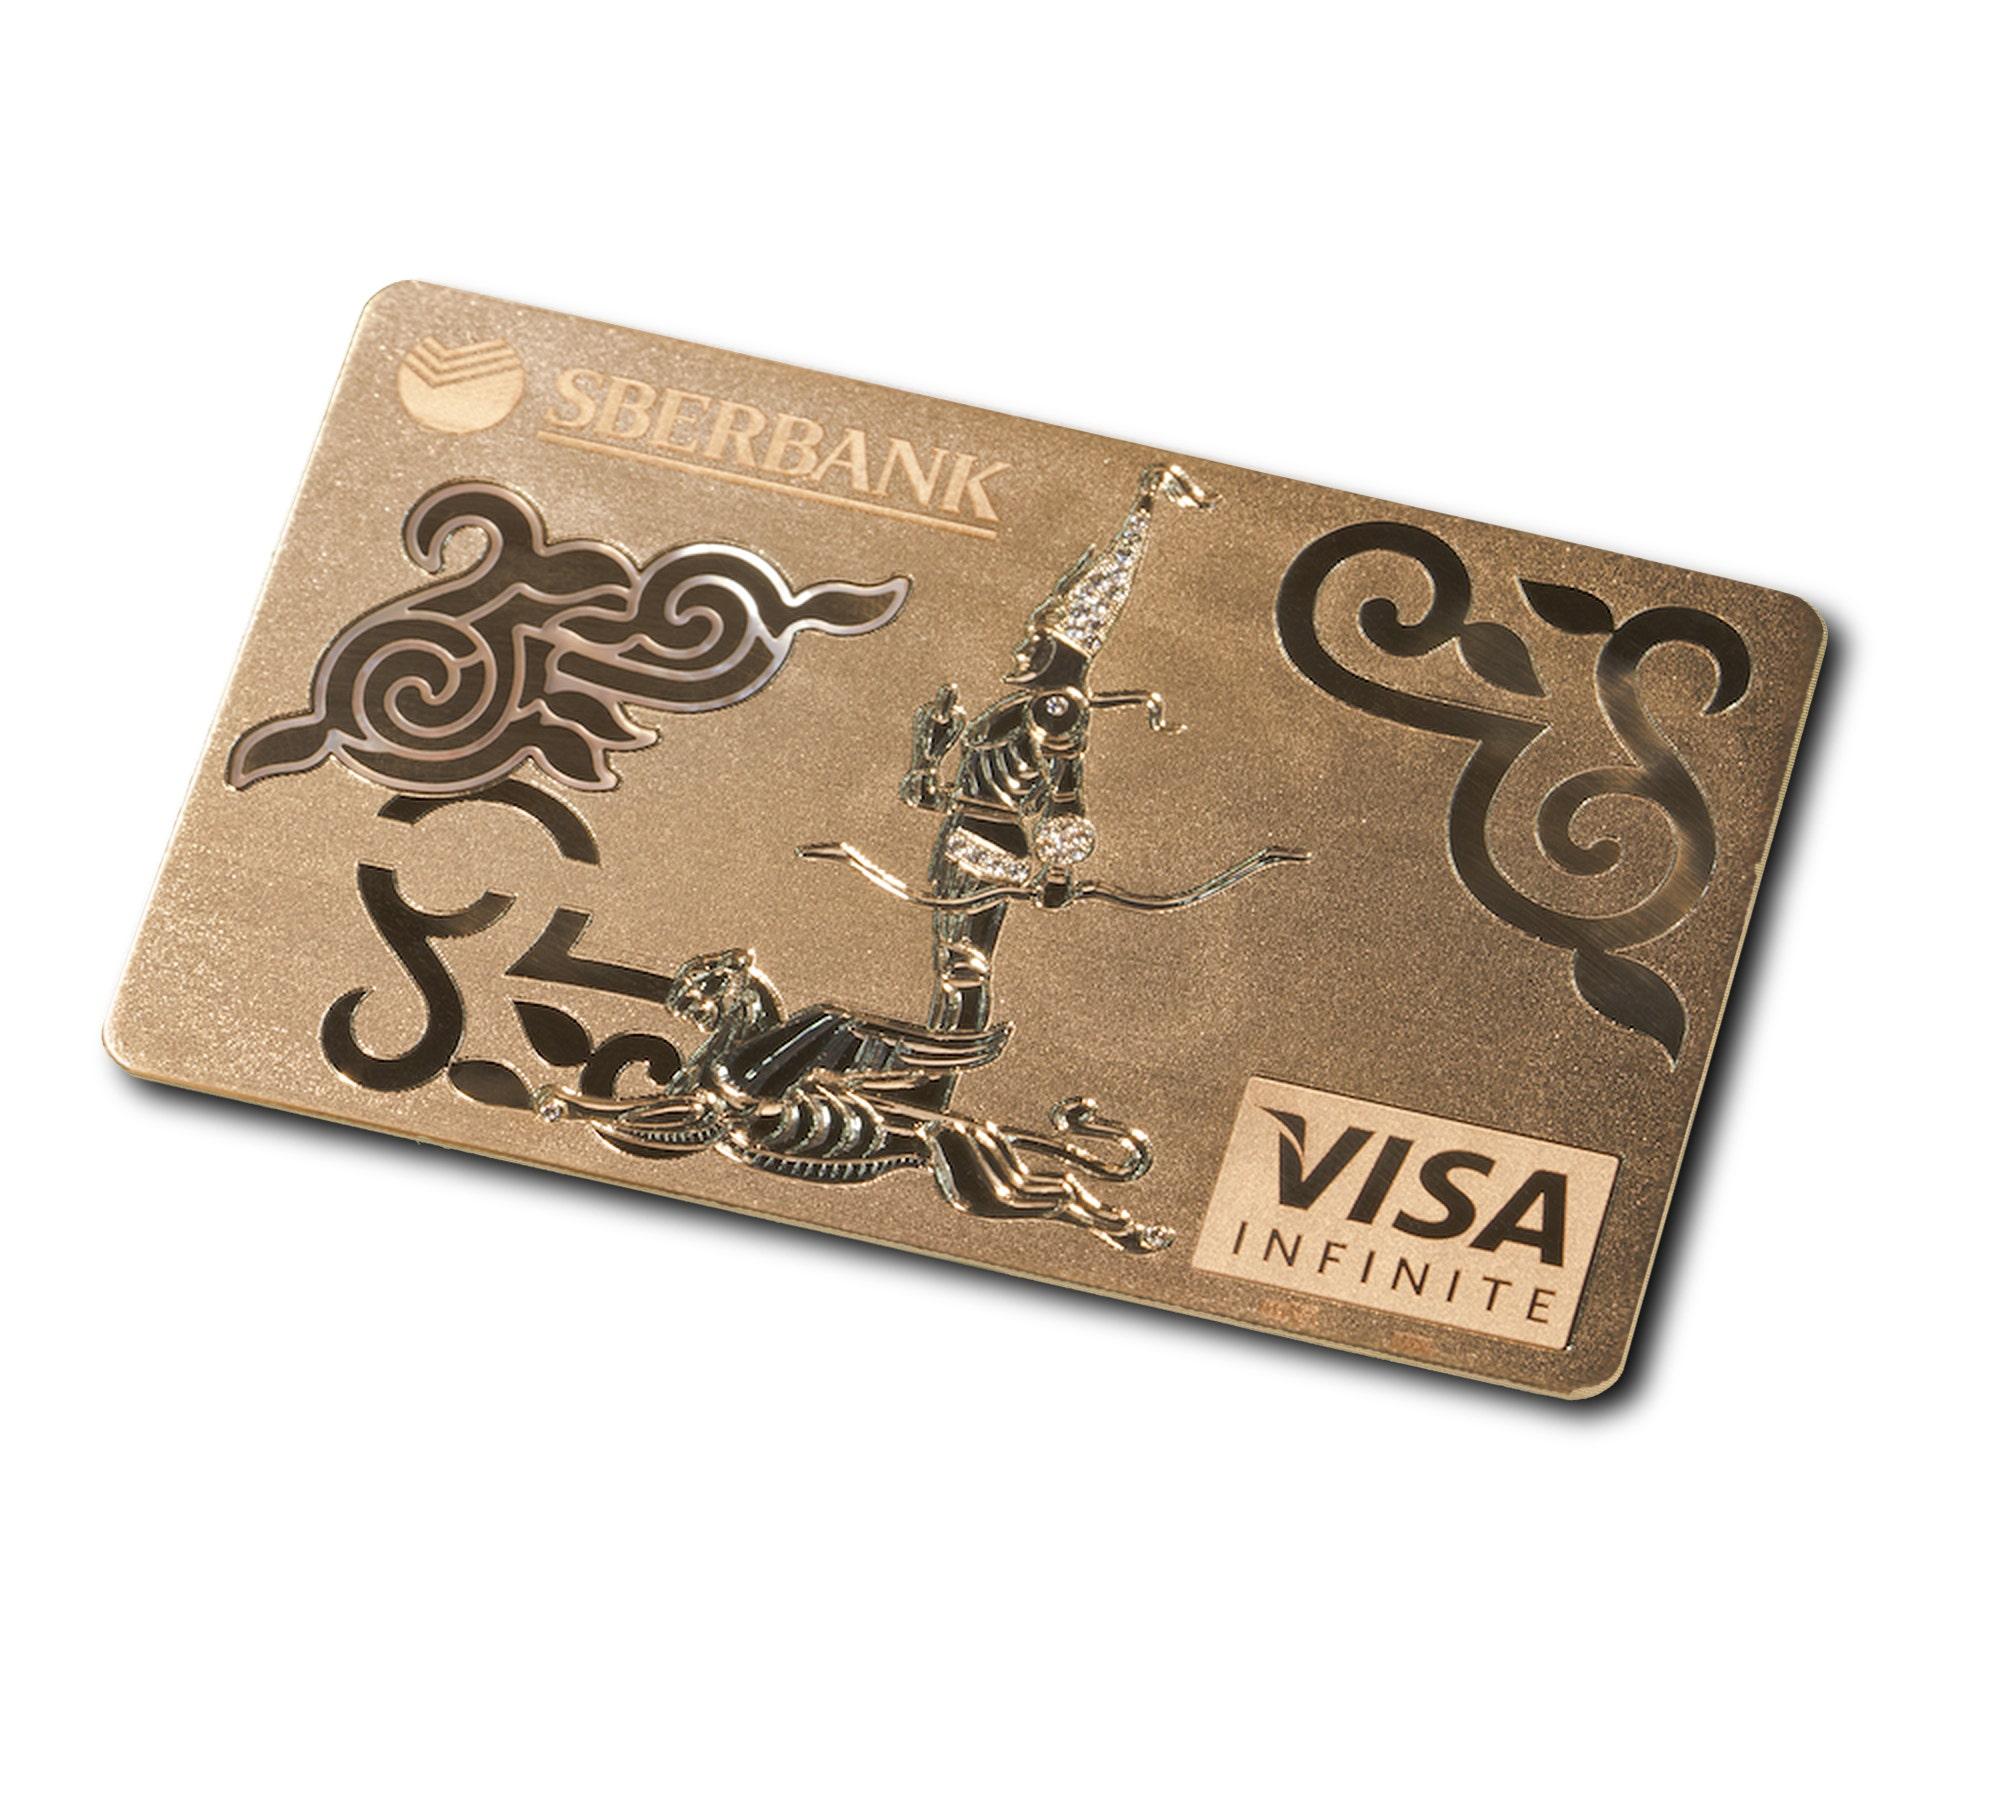 Клин карту заказать дебетовую visa